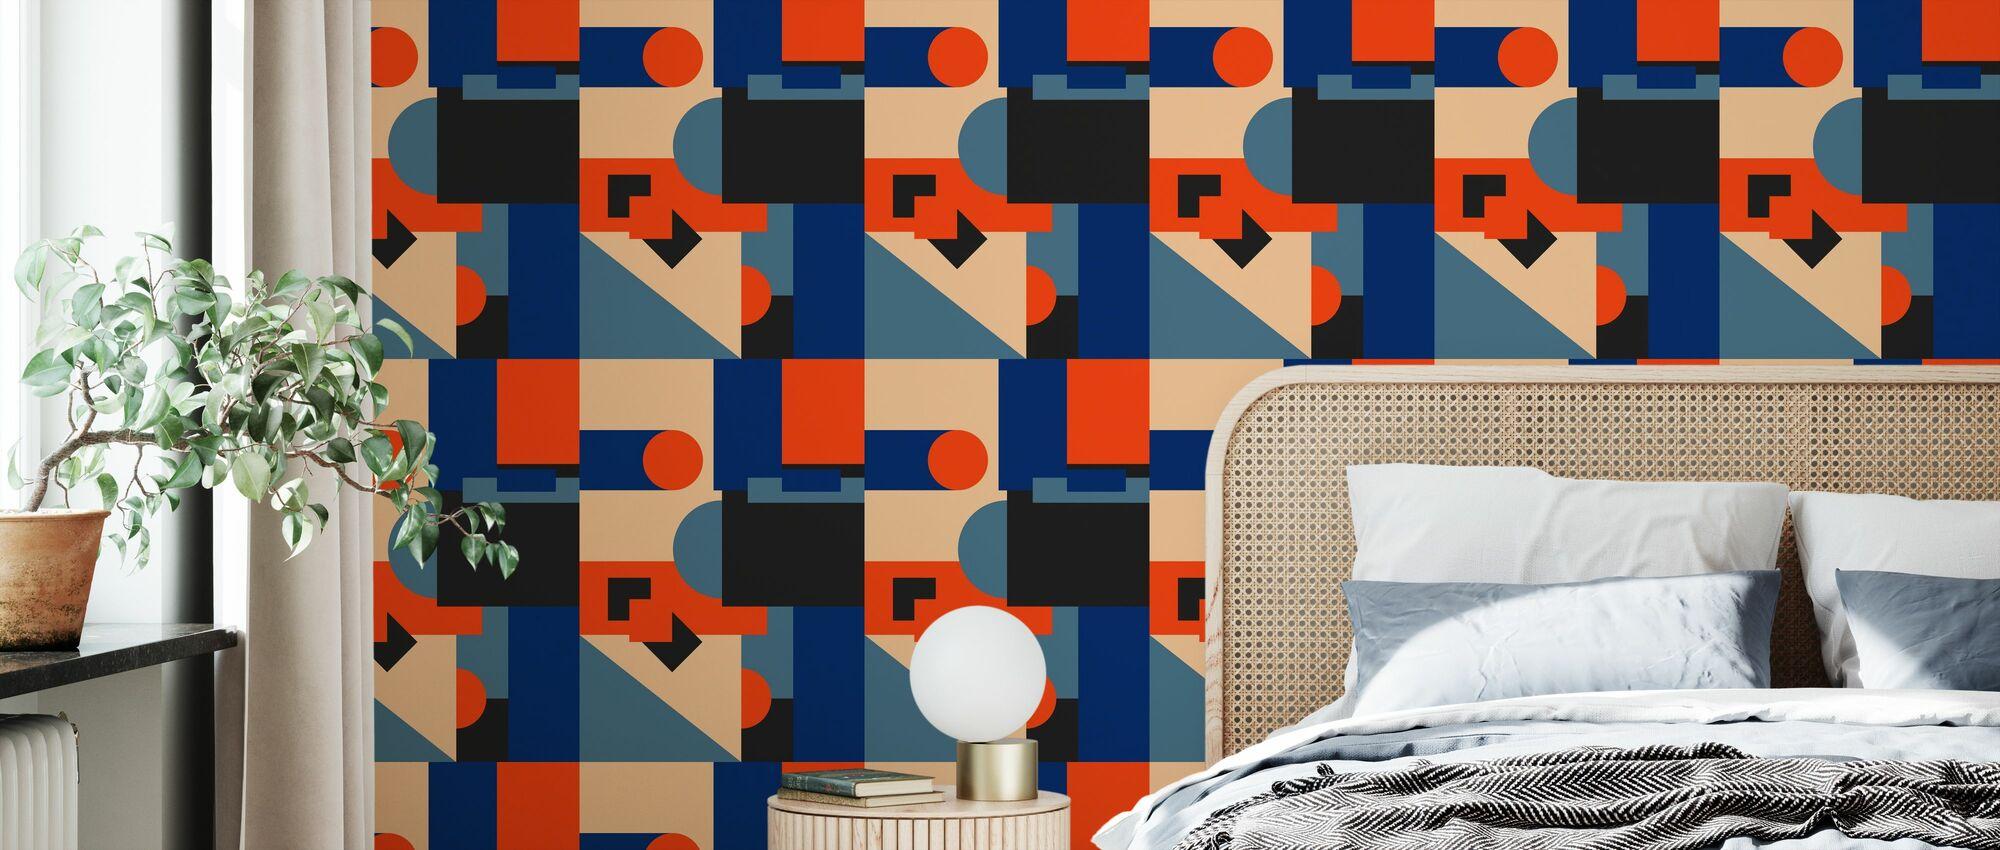 Jazz - Wallpaper - Bedroom